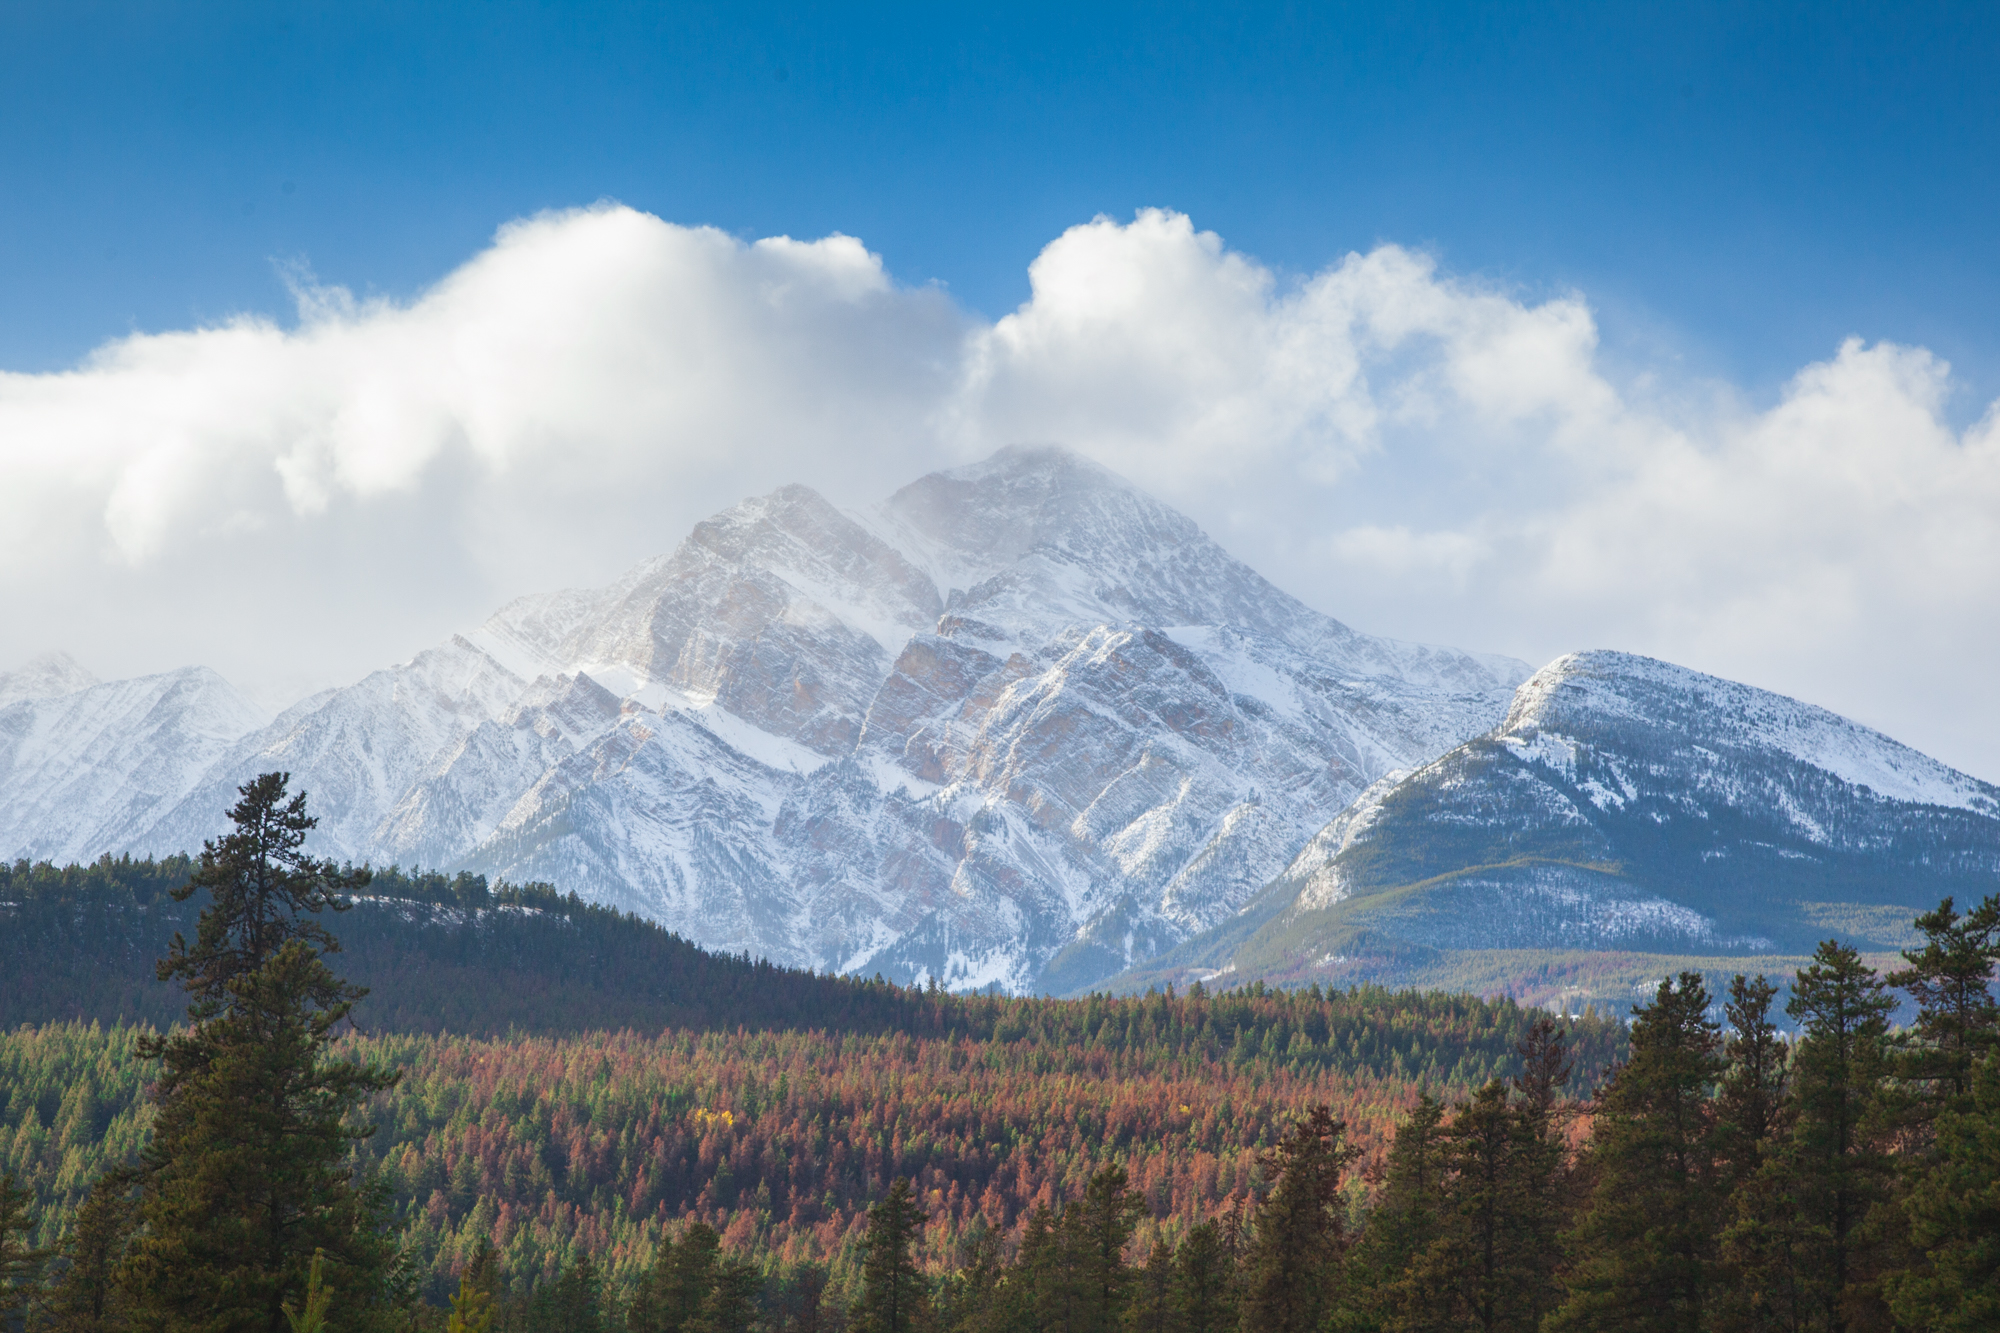 Jasper, AB: The Town of No Elk